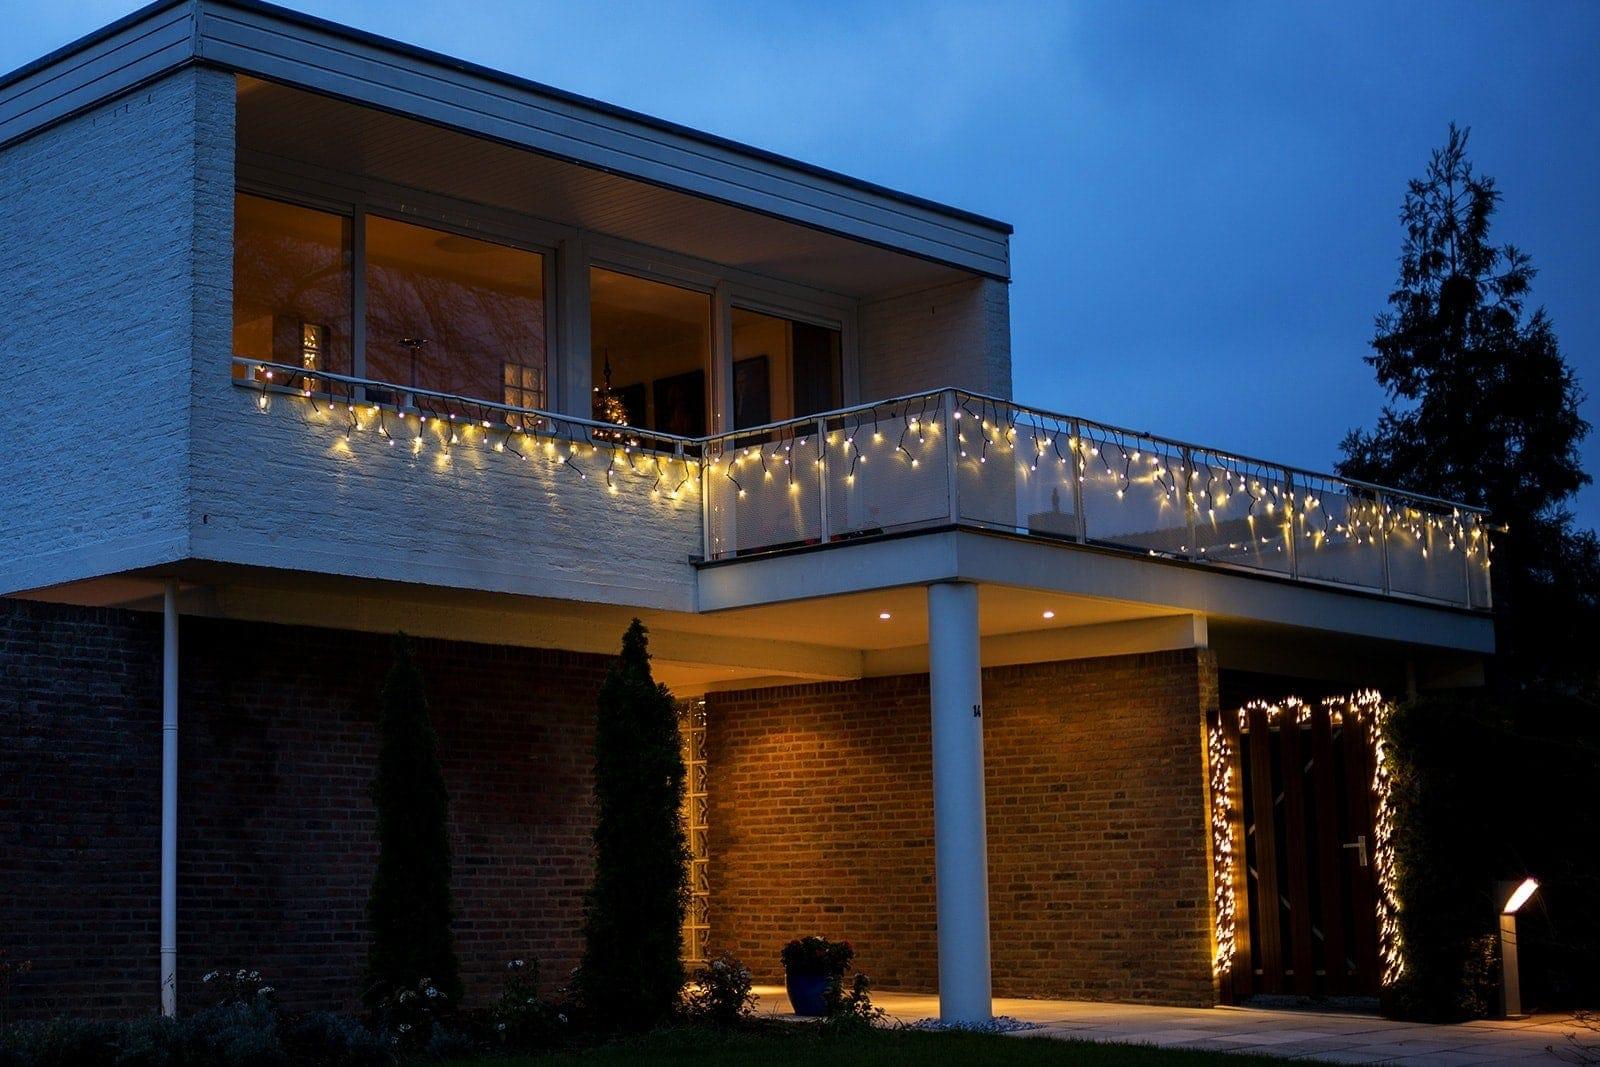 https://kerstverlichtingbuiten.com/wp-content/uploads/ijspegelverlichting-balkon.jpg